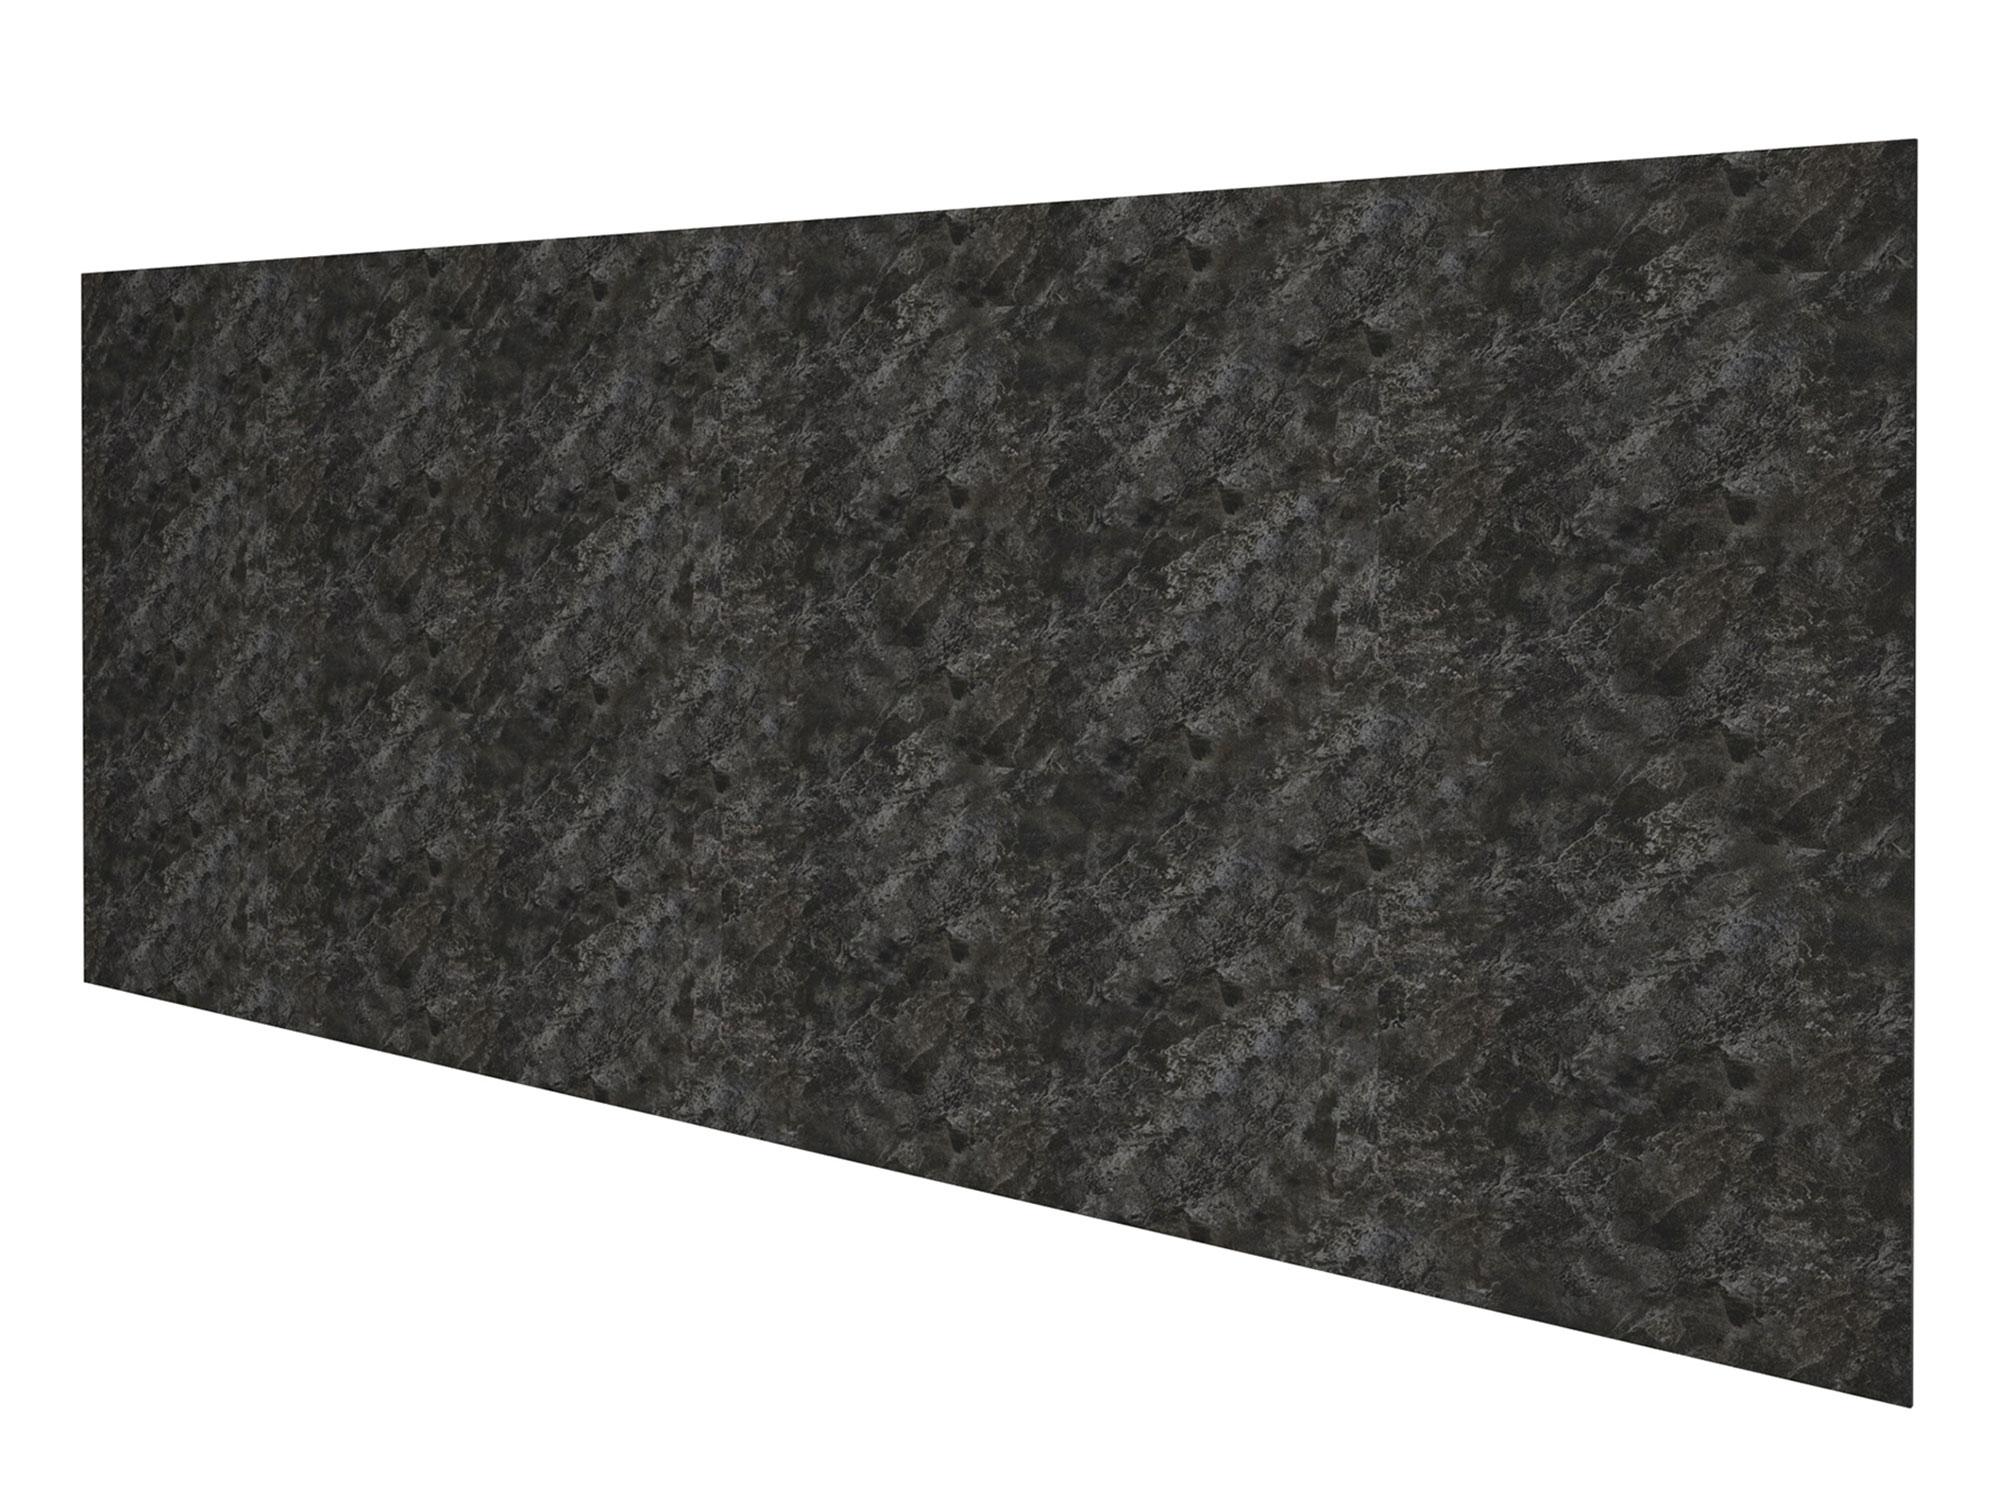 Стеновая панель 4046М Кастилло тёмный, Код цвета 4046М, МДФ